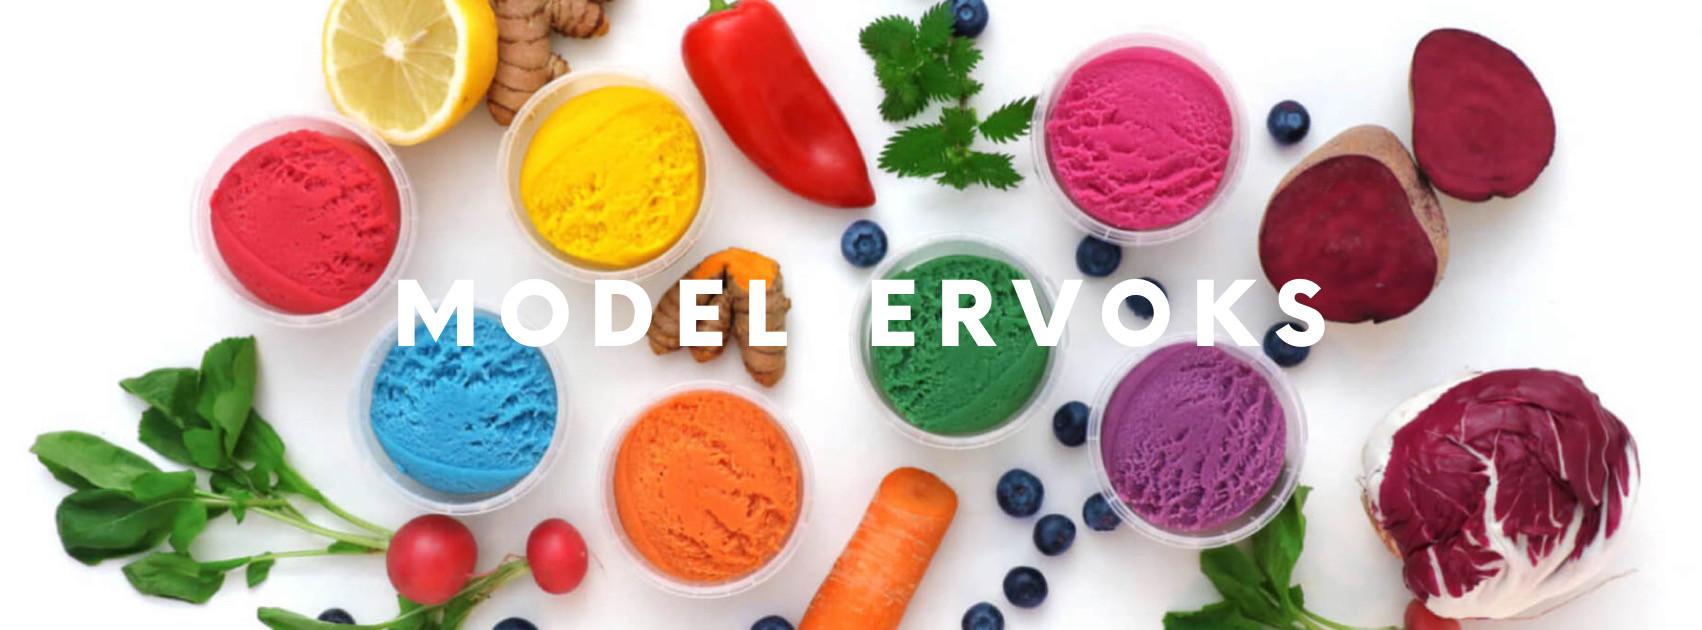 Økologisk modellervoks